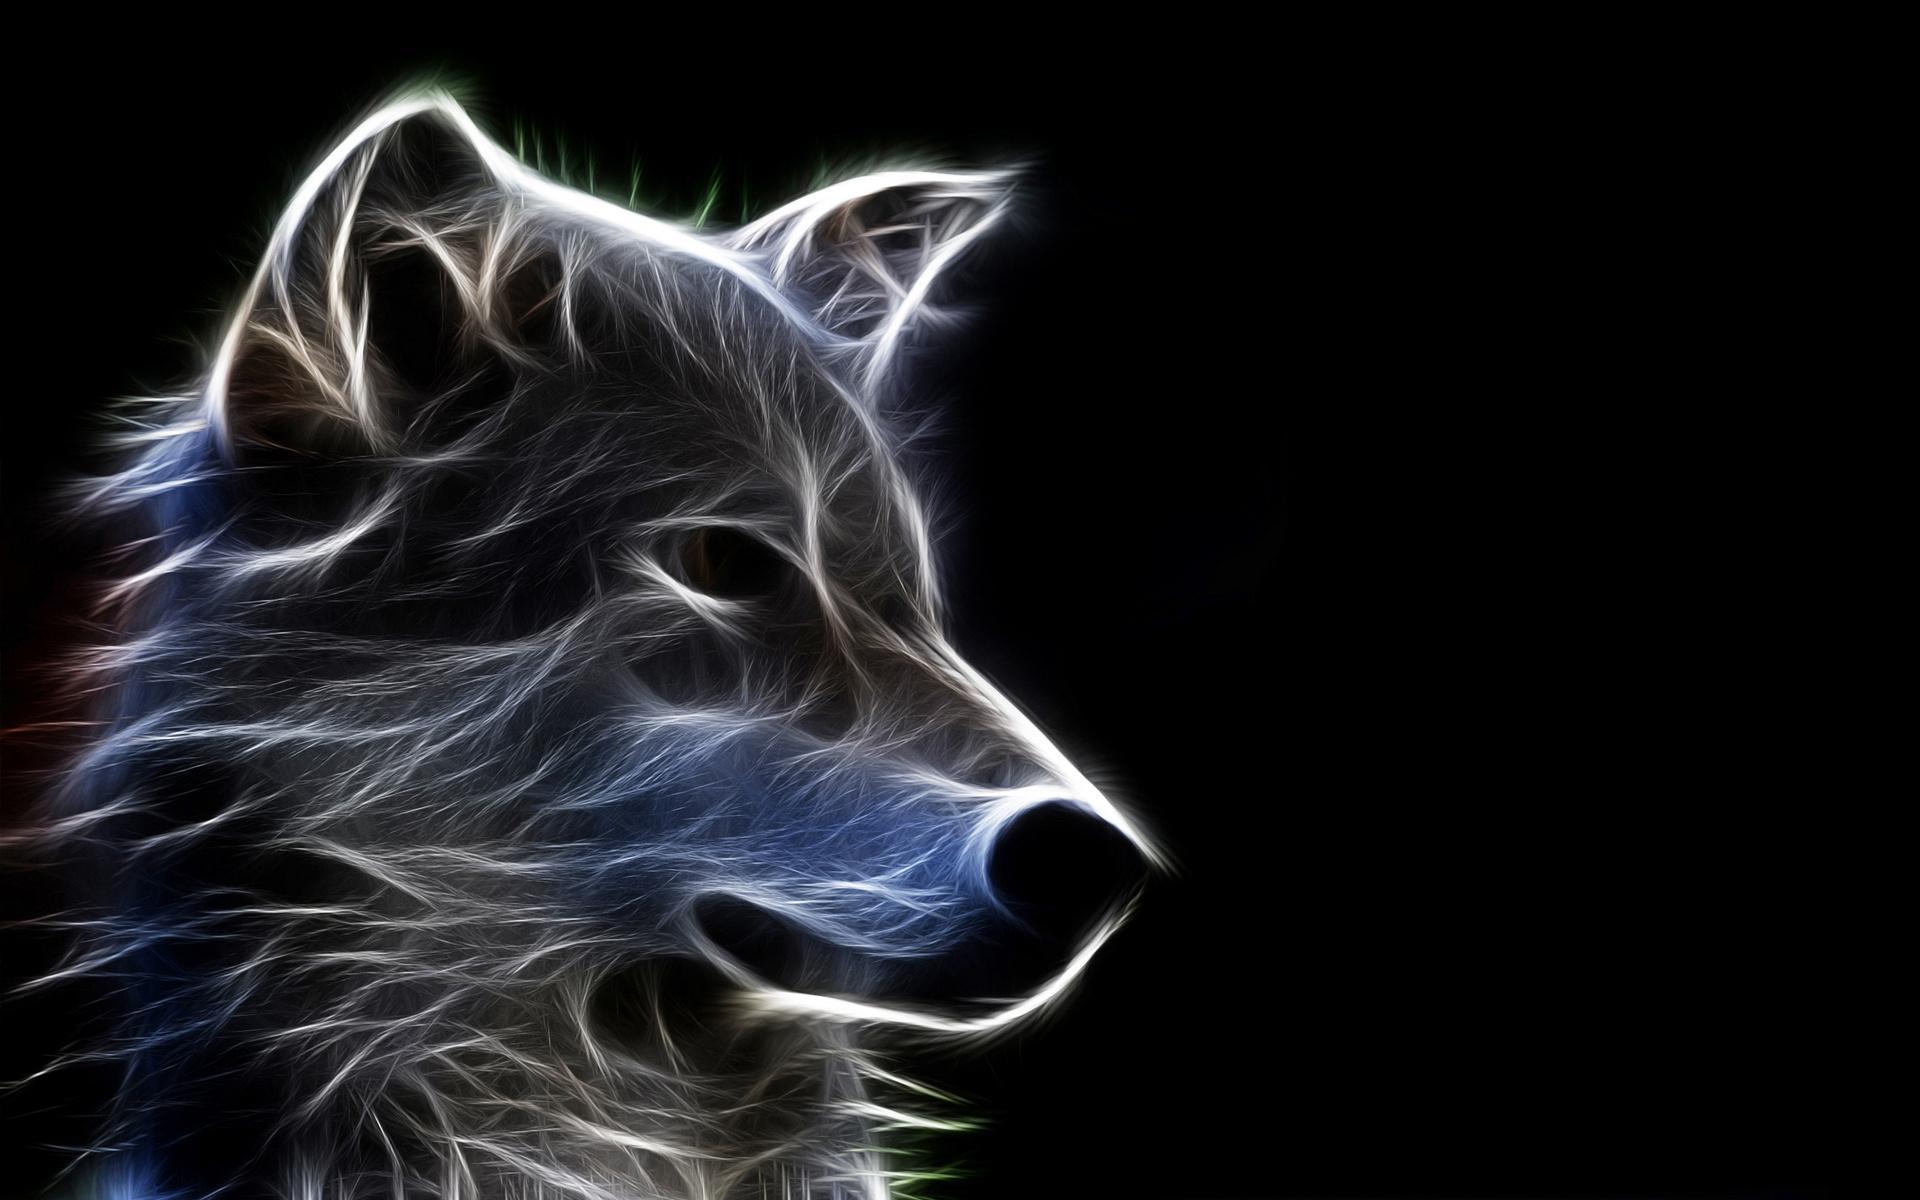 Бесплатные hd обои волки (en: wolves) фото и картинки животных на ваш рабочий стол скачать.